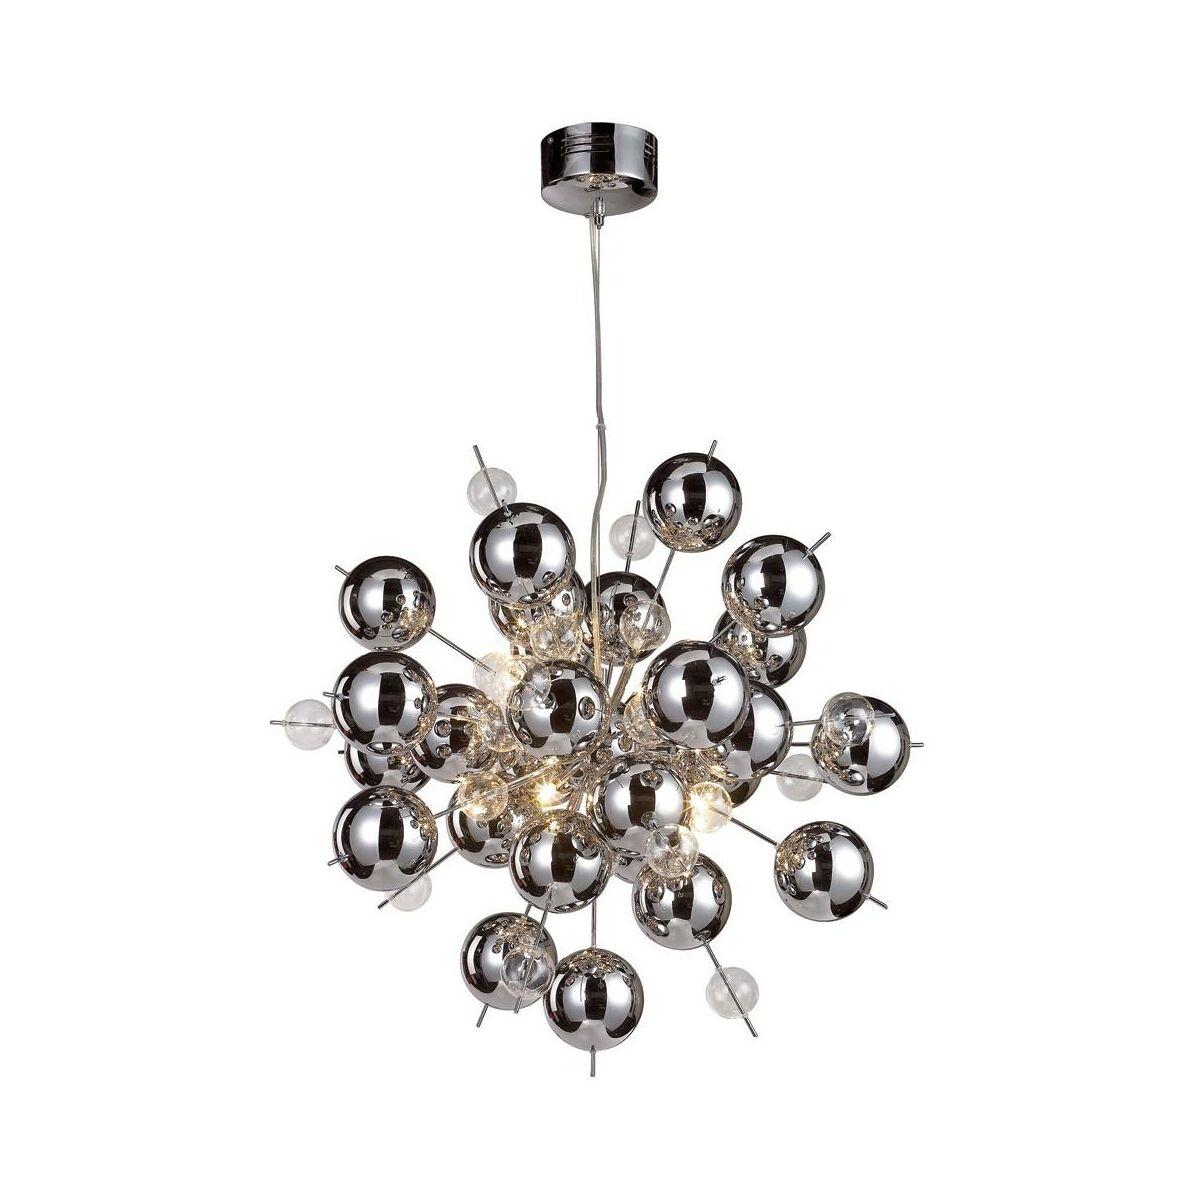 Lampa Wiszaca Glasball Chrom G9 Nave Zyrandole Lampy Wiszace I Sufitowe W Atrakcyjnej Cenie W Sklepach Leroy Merlin